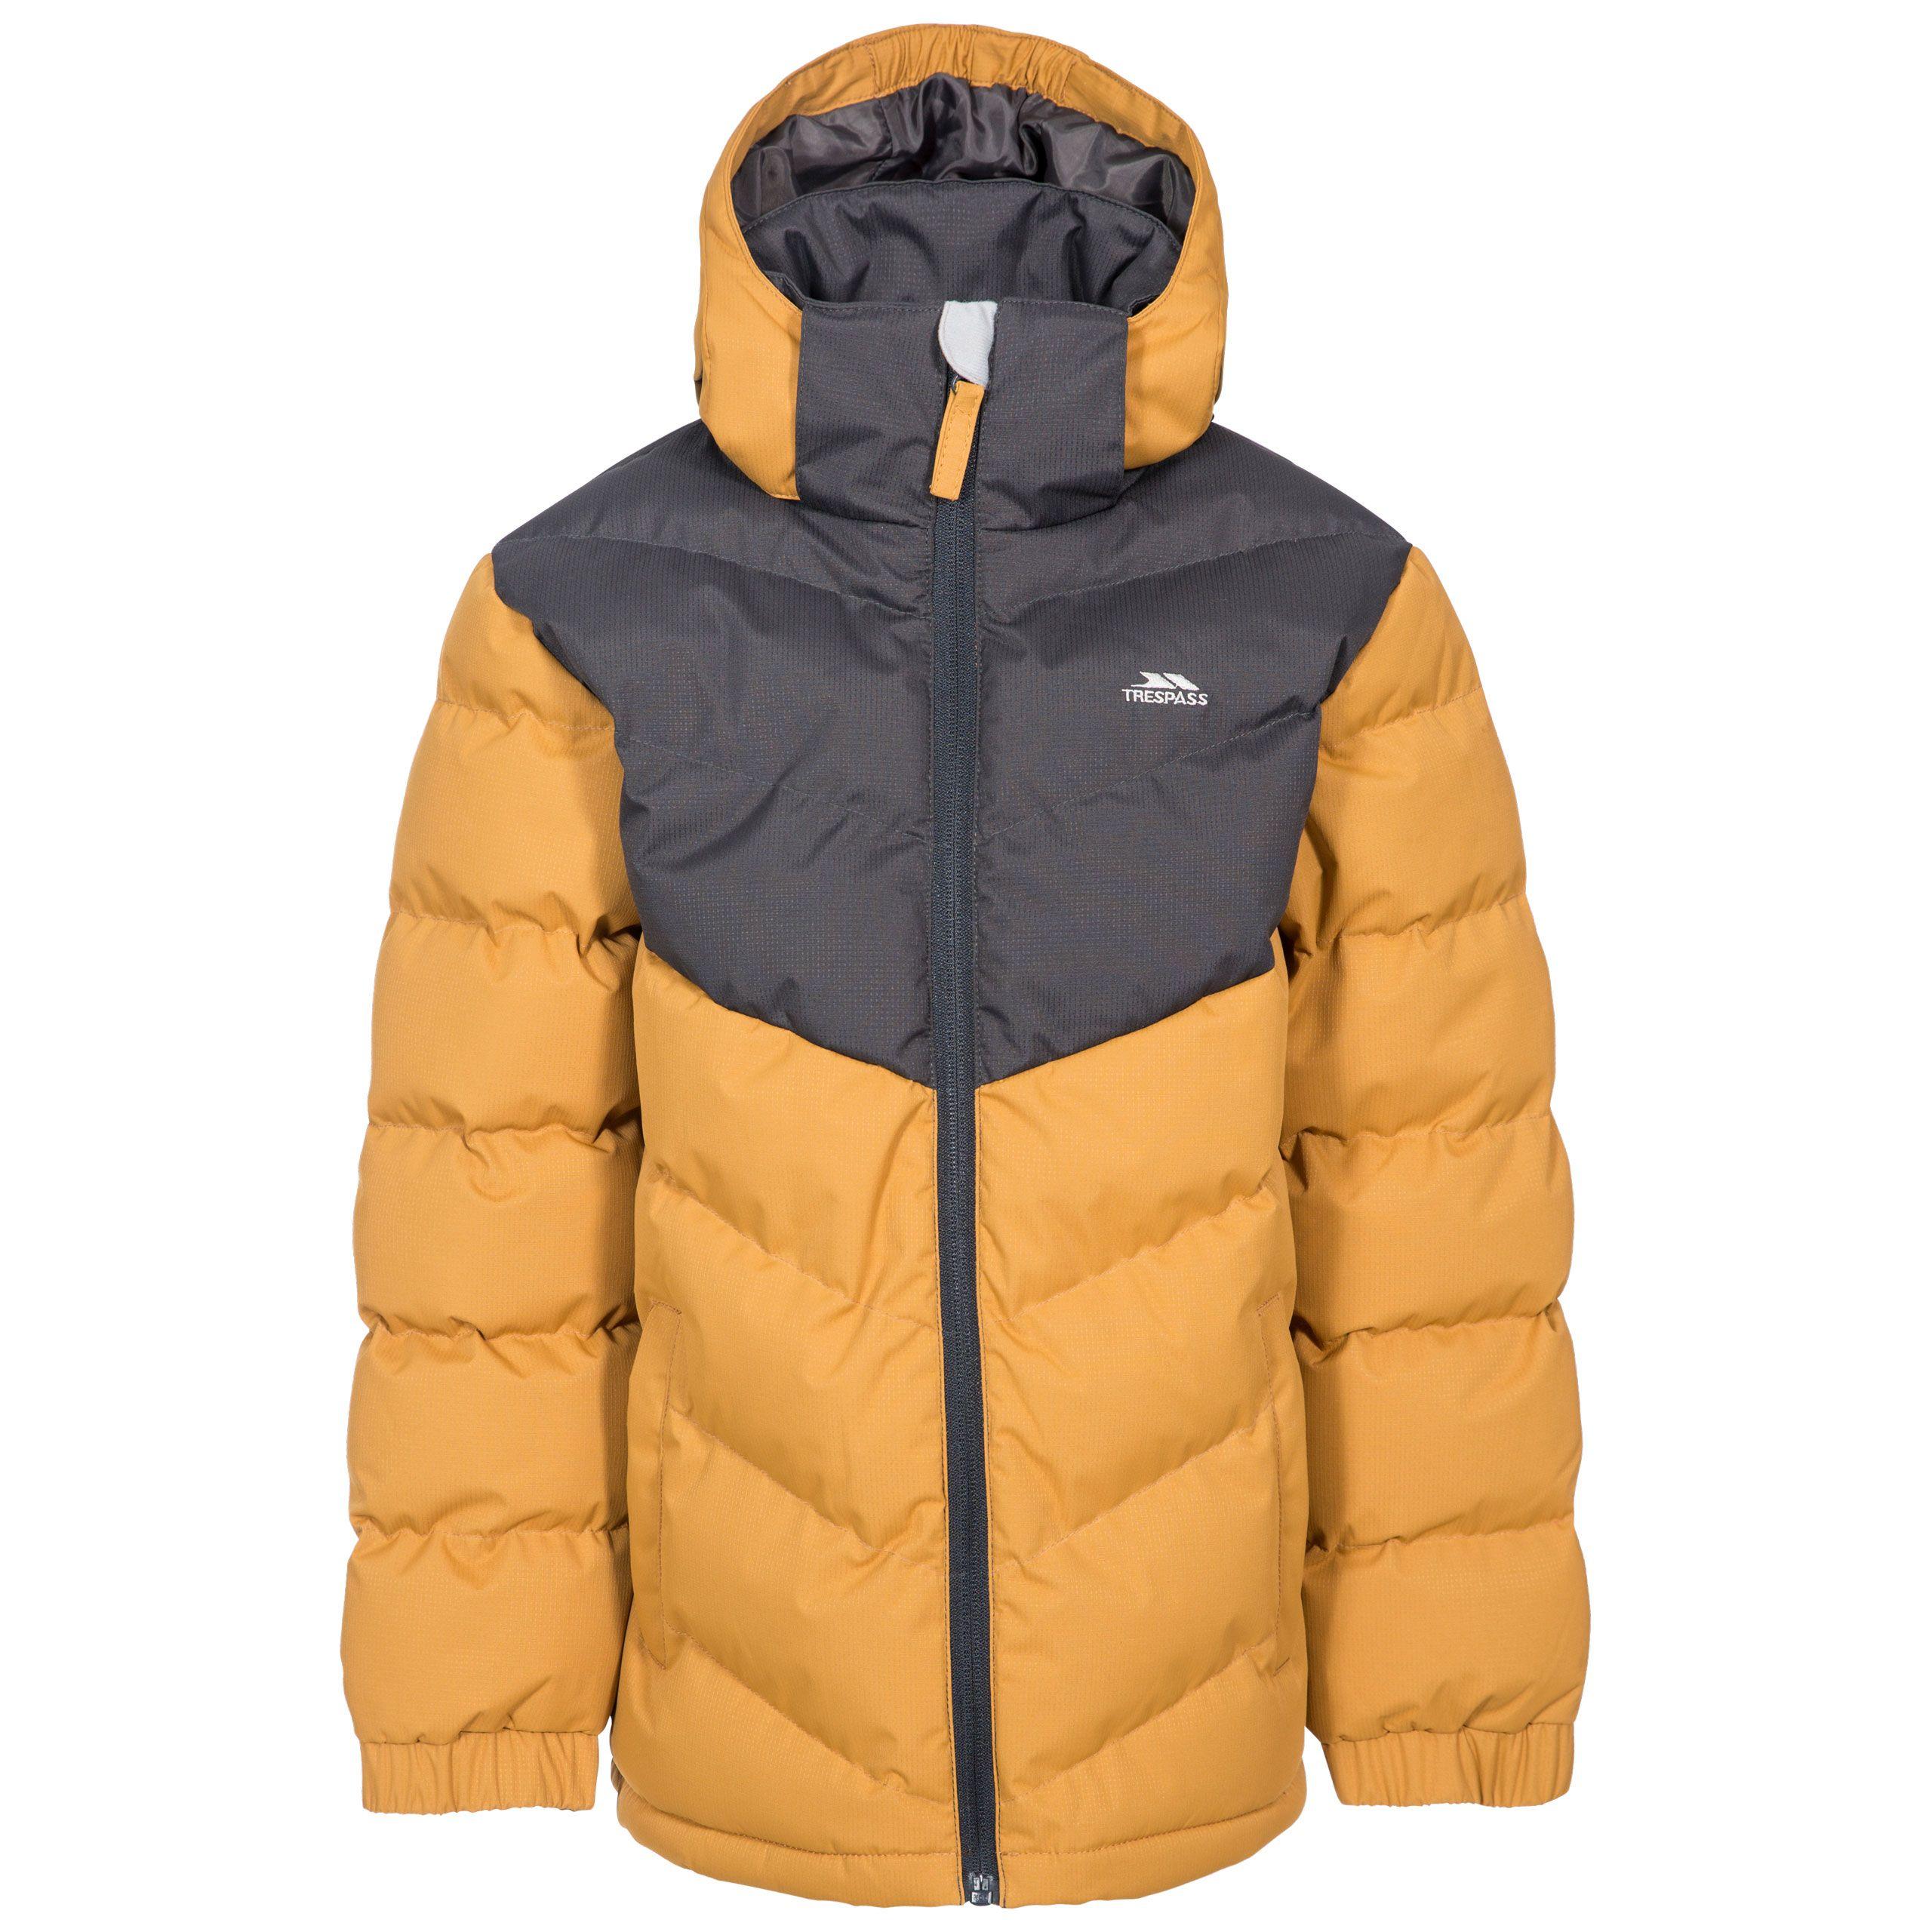 Retract Mens Hi-vis Waterproof Packaway Jacket